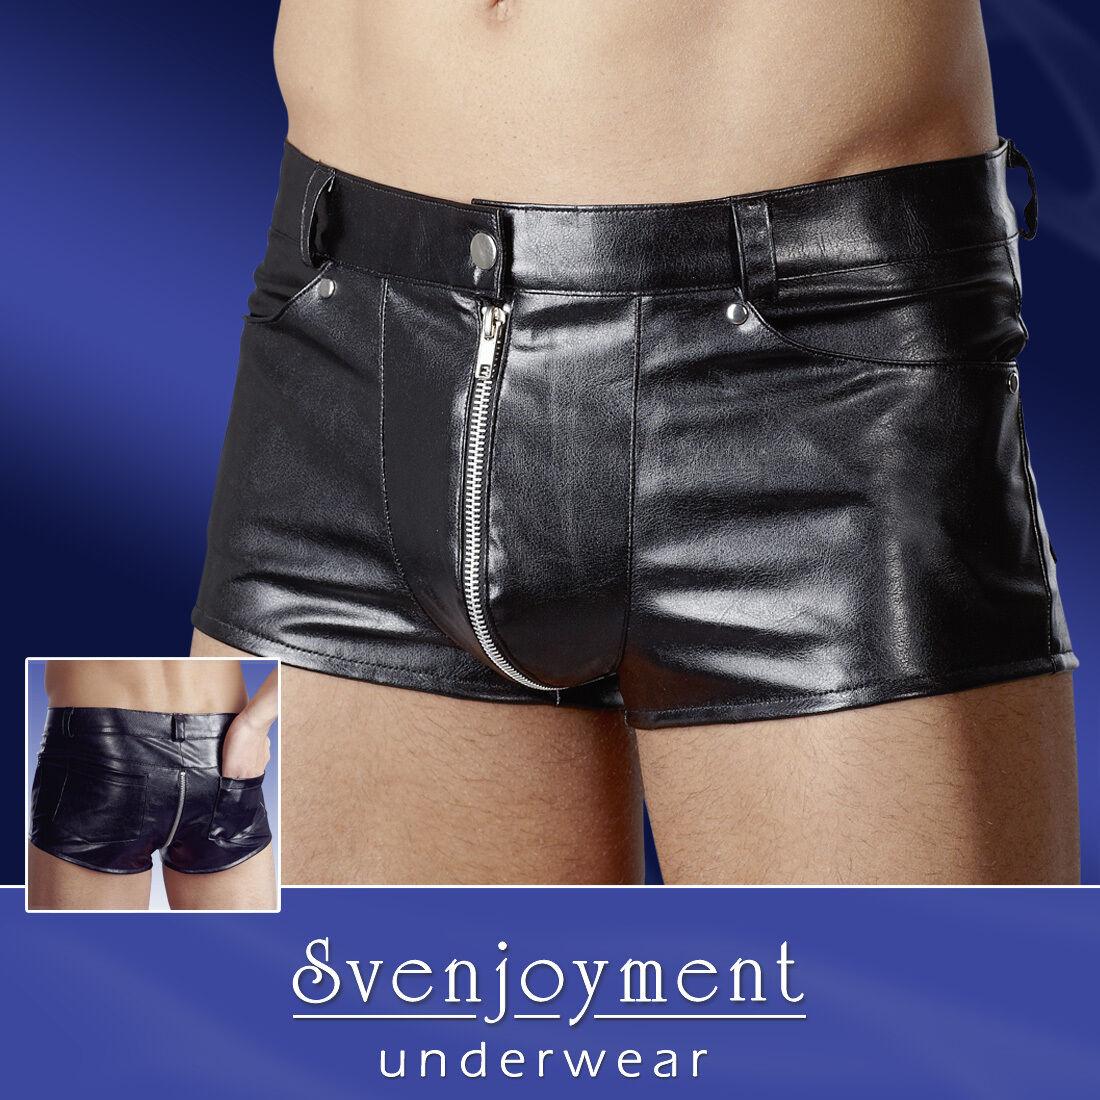 Shorts im stylischen Uniform Look - Herren Dessous Männer Unterwäsche  ♥♥♥ | Spezielle Funktion  | Guter weltweiter Ruf  | Mittel Preis  | Spielzeugwelt, spielen Sie Ihre eigene Welt  | Lebensecht